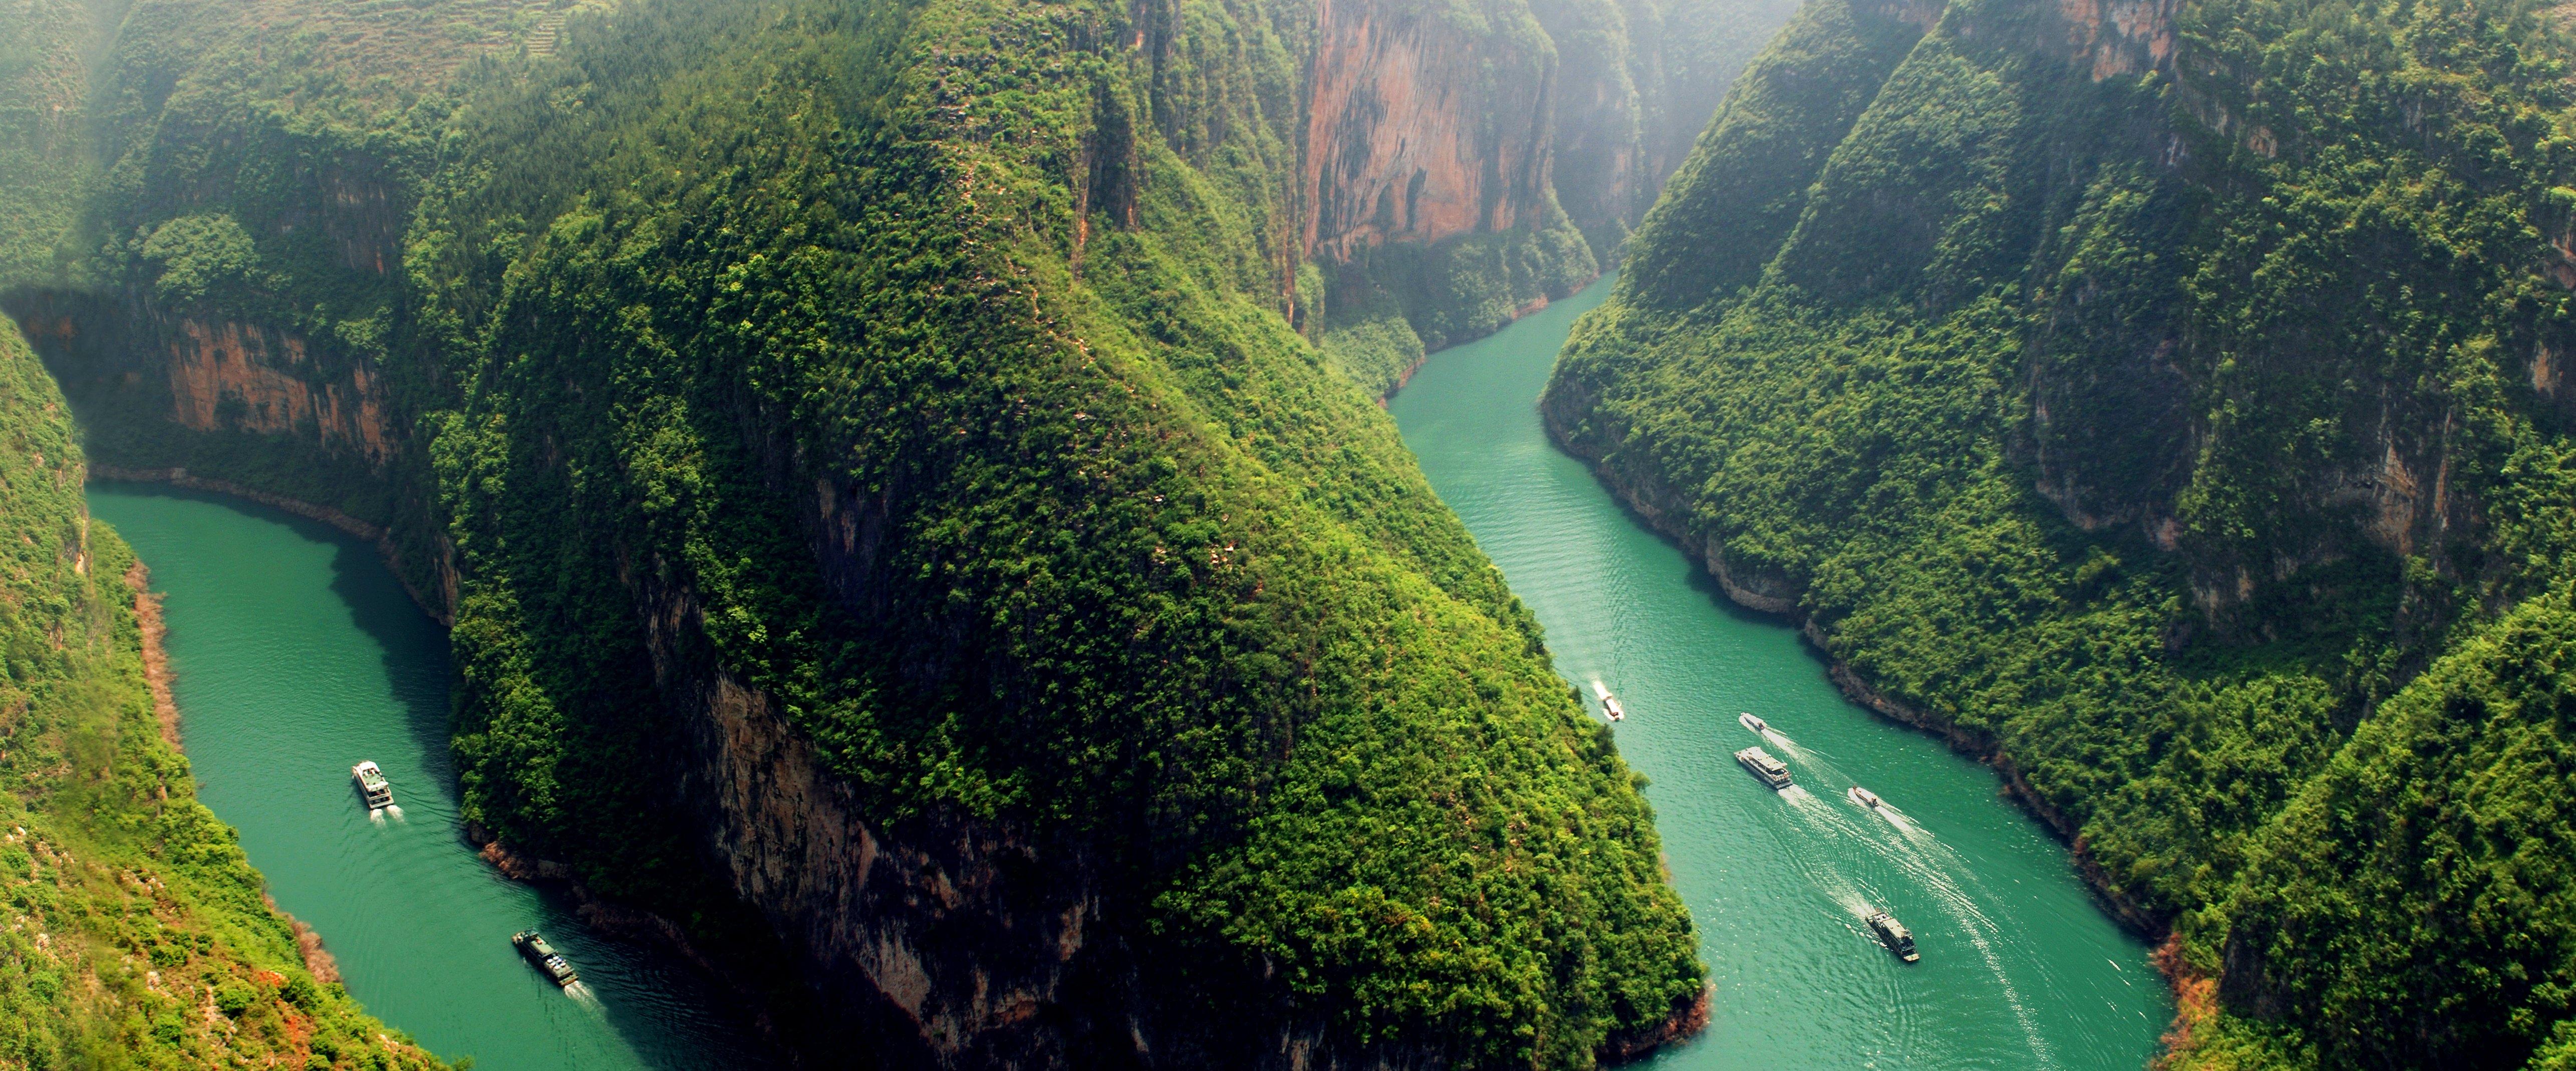 yangzi-river-luxury-cruise